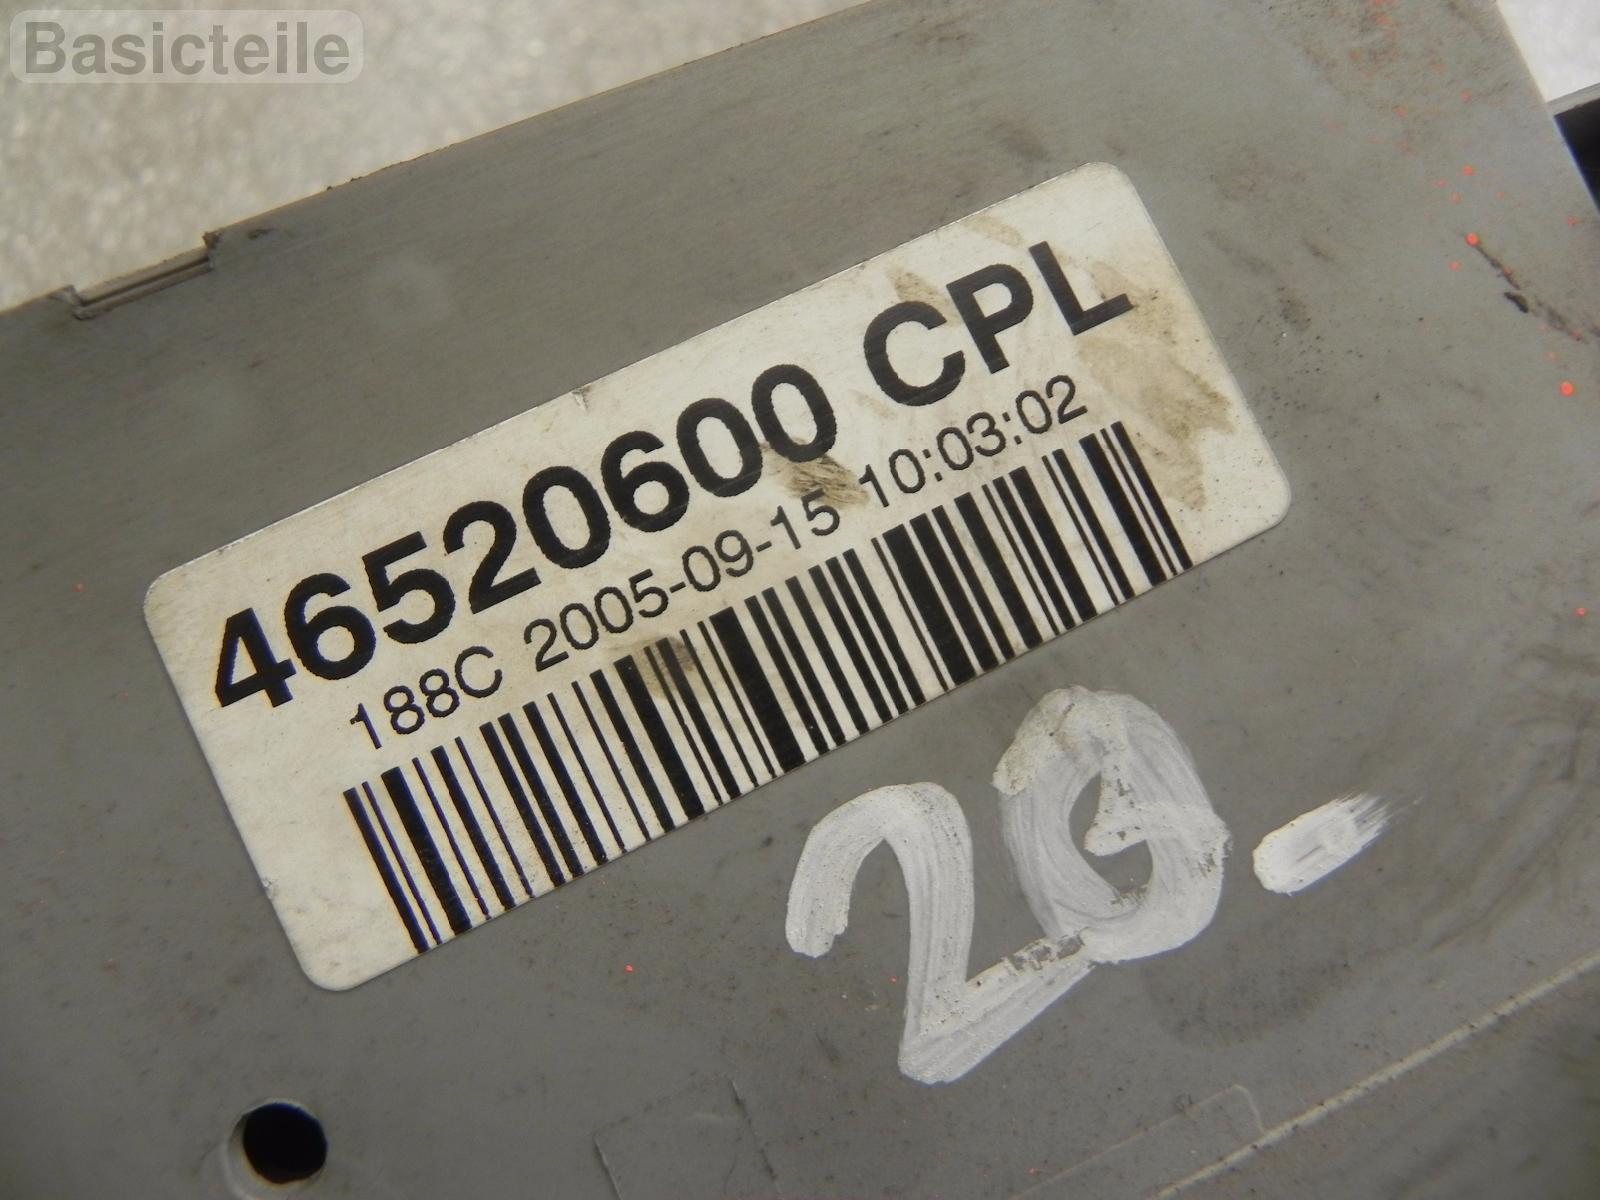 Fiat Doblo 13jtd Sicherungkasten Sicherungen Steuergert Fuse Box Fiorino Click To Enlarge